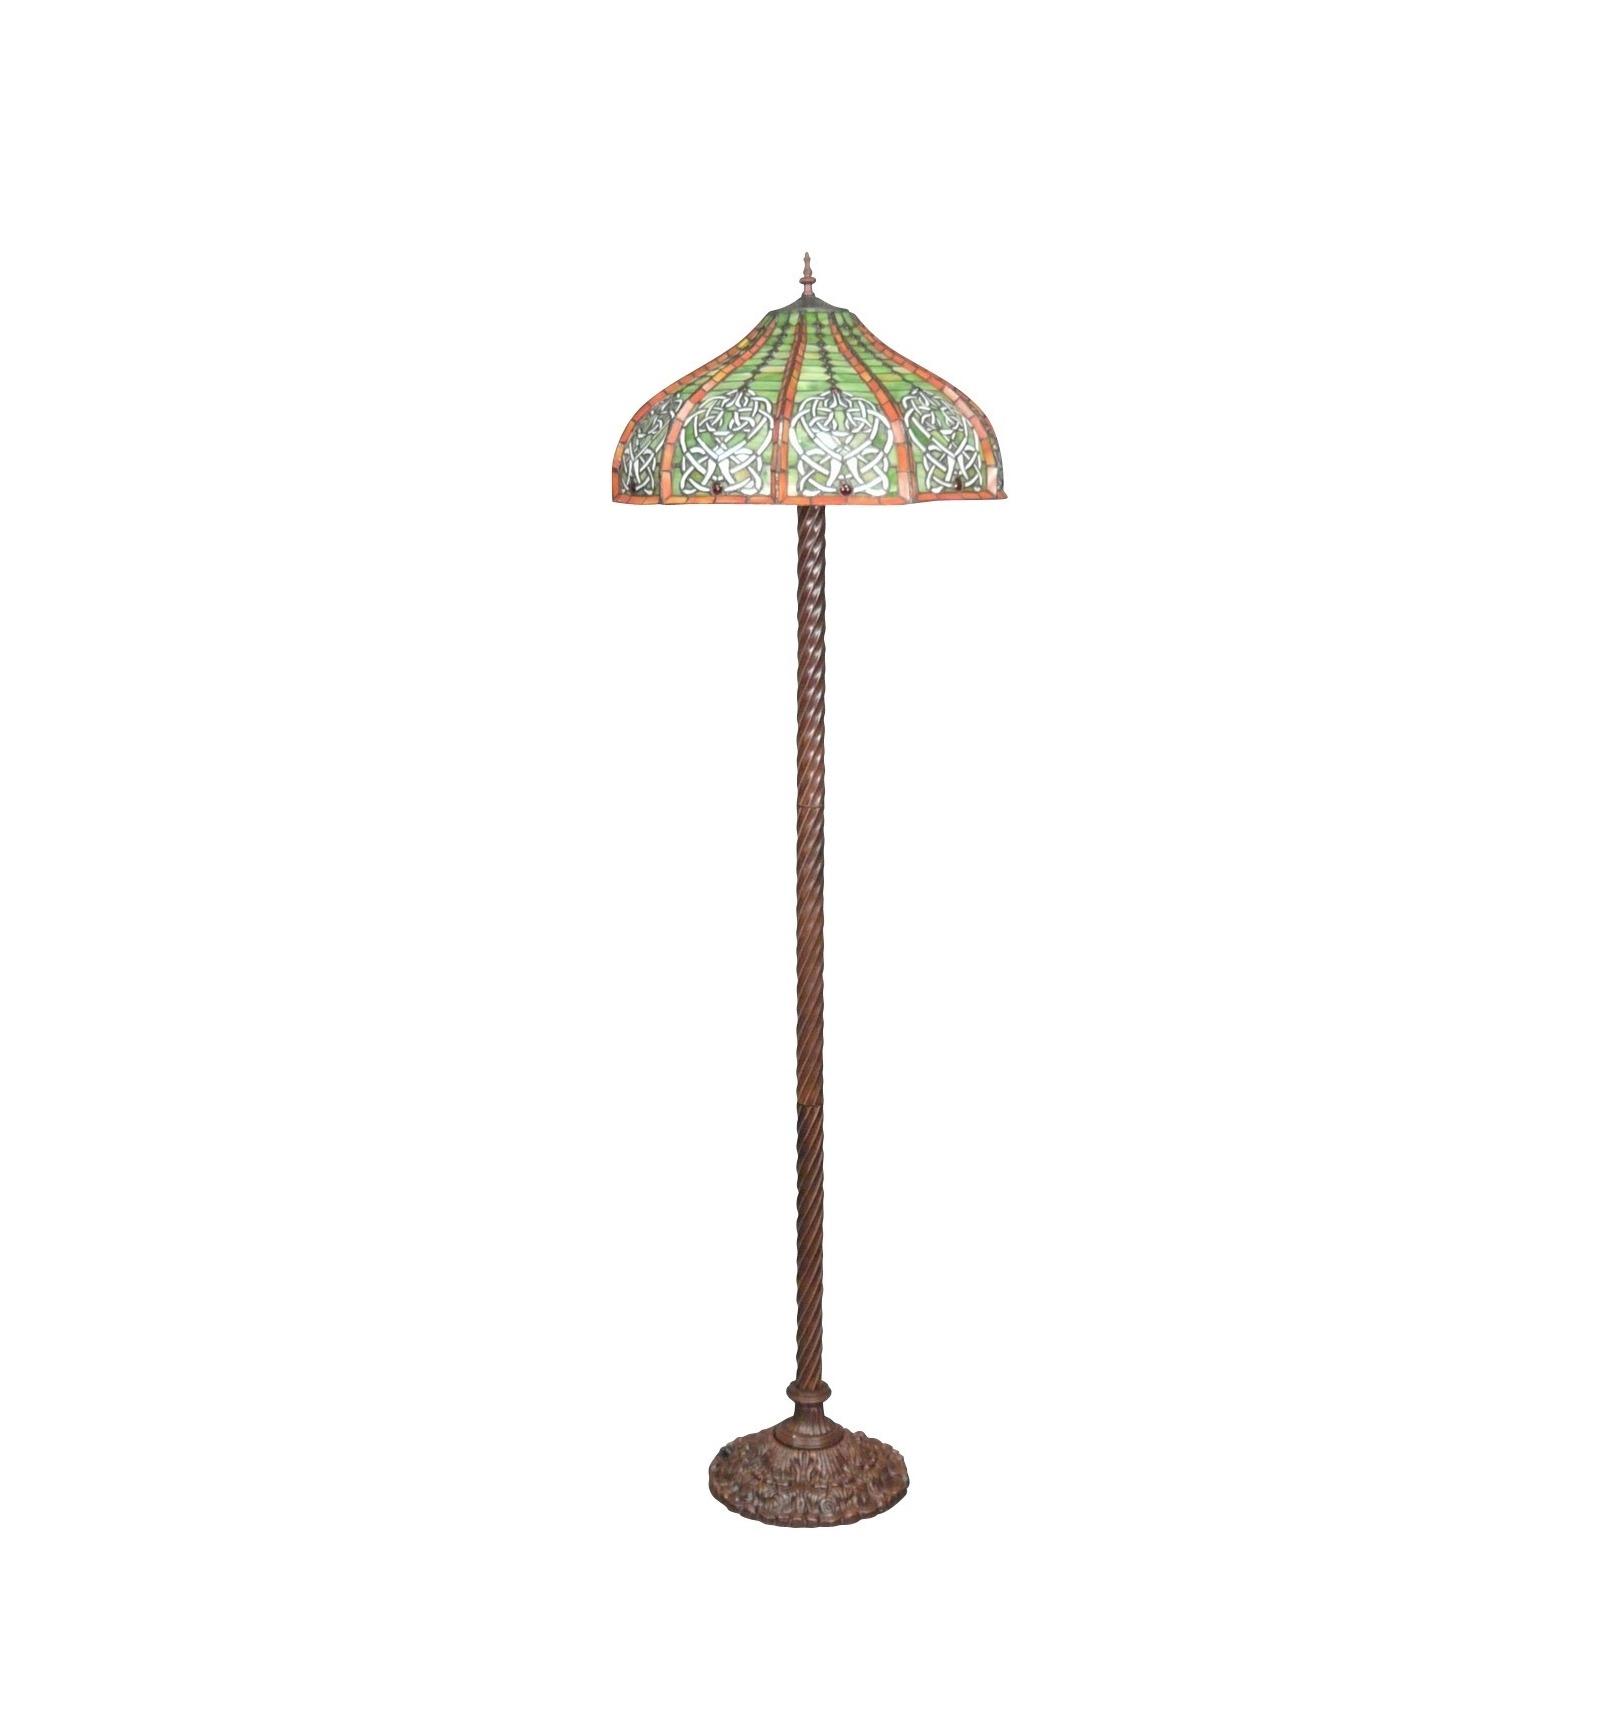 Stehlampe tiffany reproduktion einer original lampe for Replica leuchten